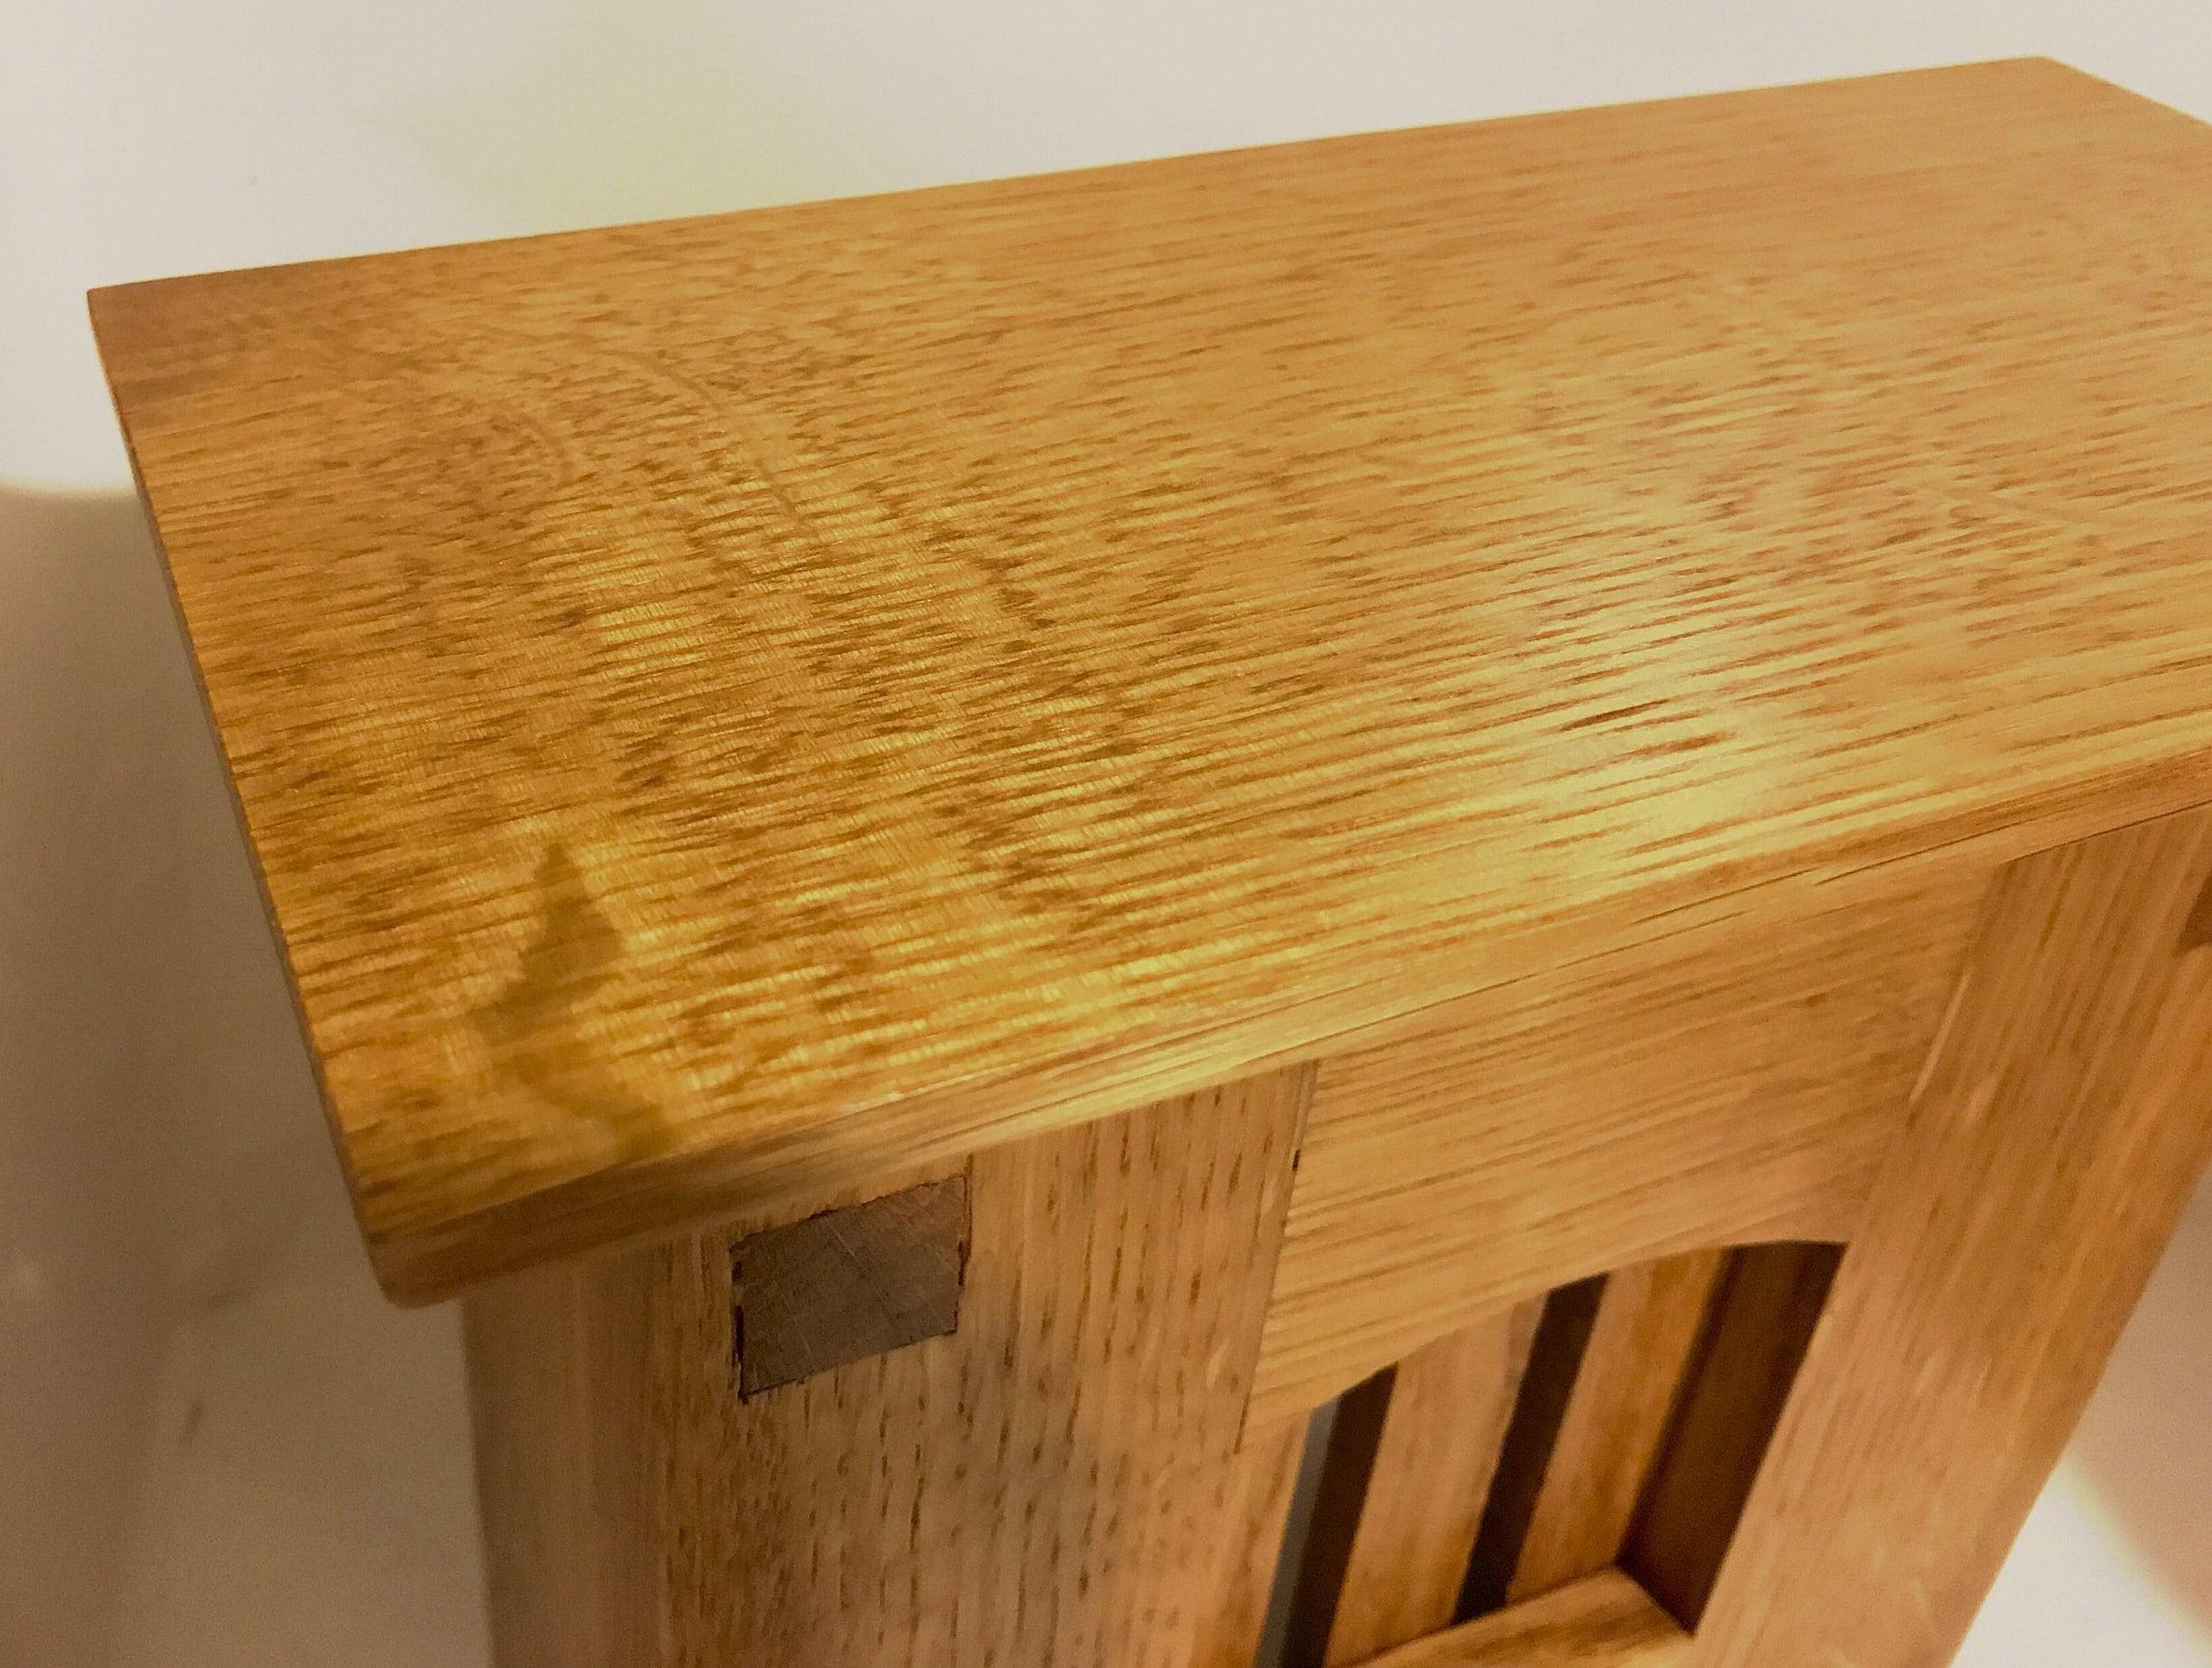 Swedish Wooden Door Chimes